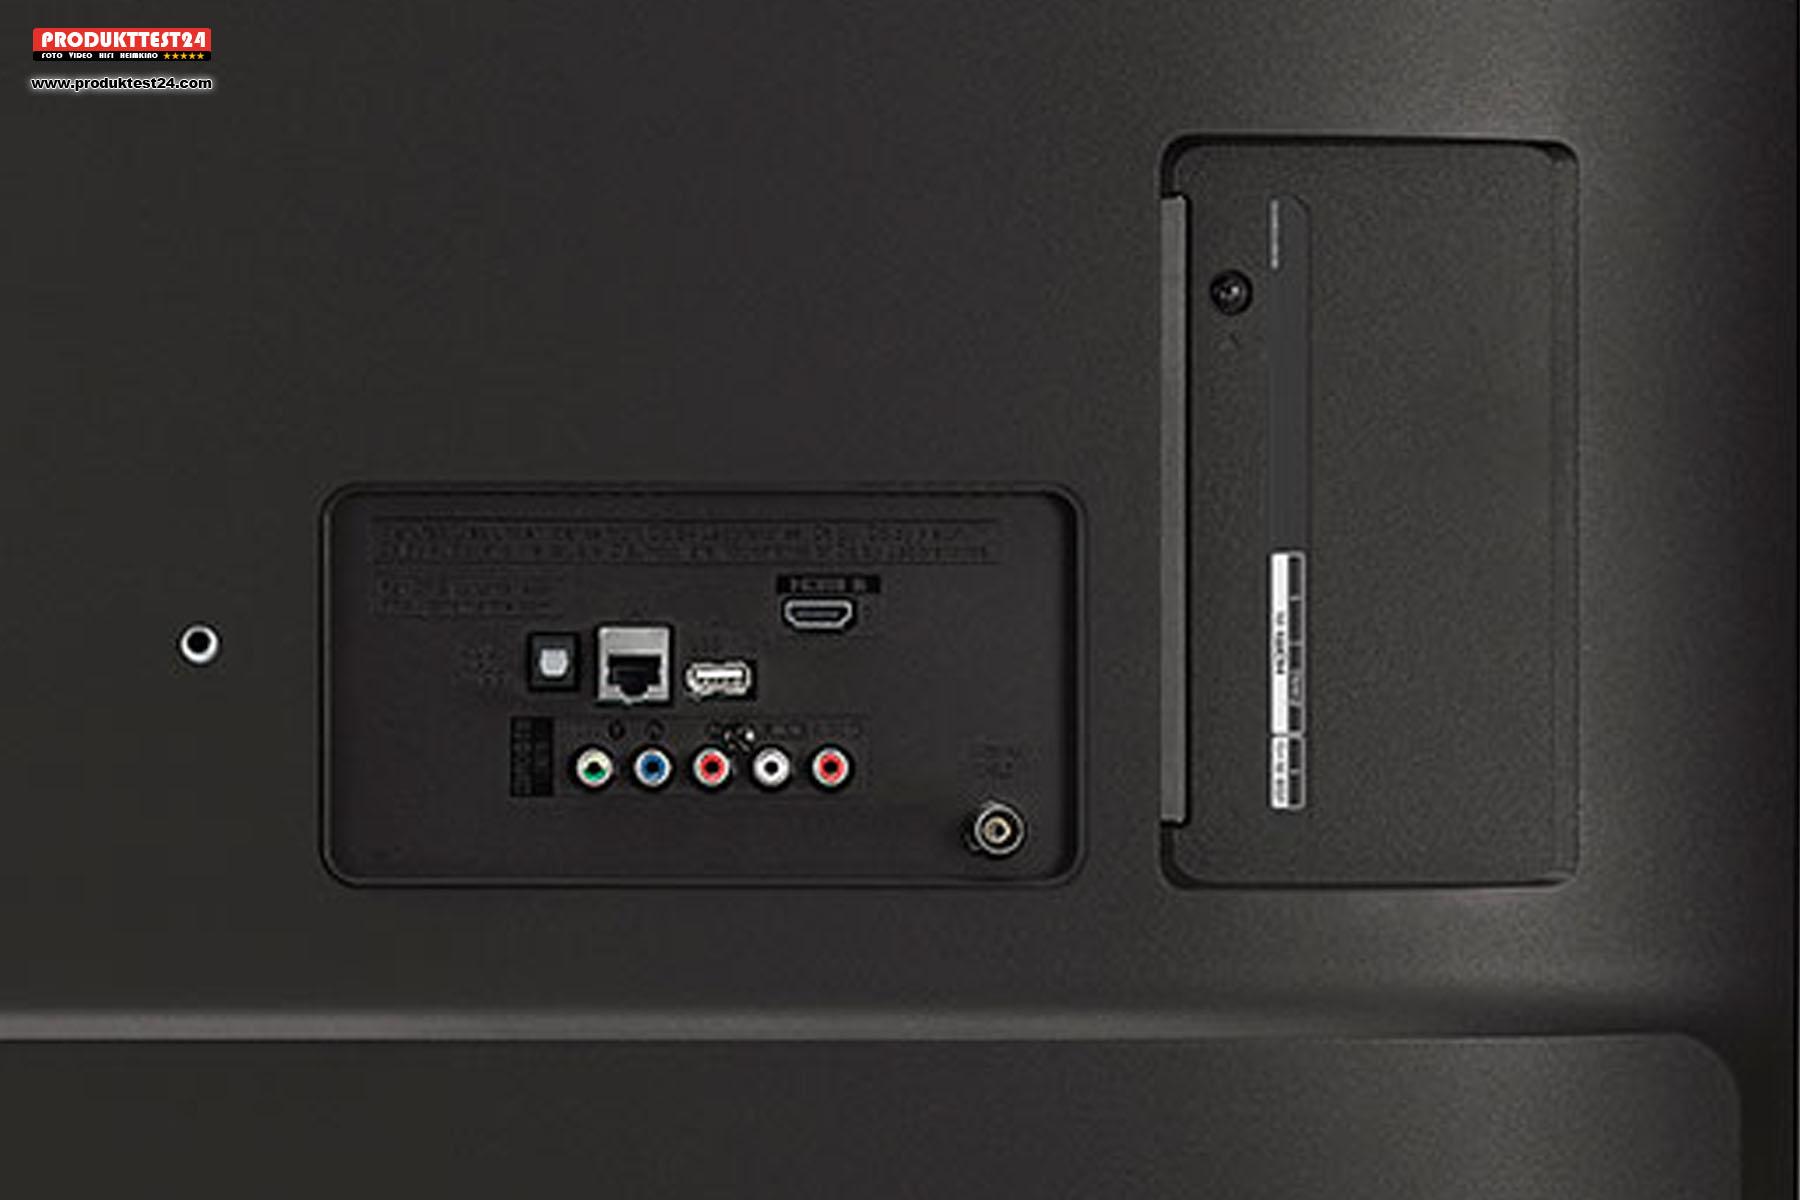 Die Anschlüsse des LG 43UM7050PLF - 3x HDMI- 2x USB - 1x Optisch - 1x analoger AV Anschluss.